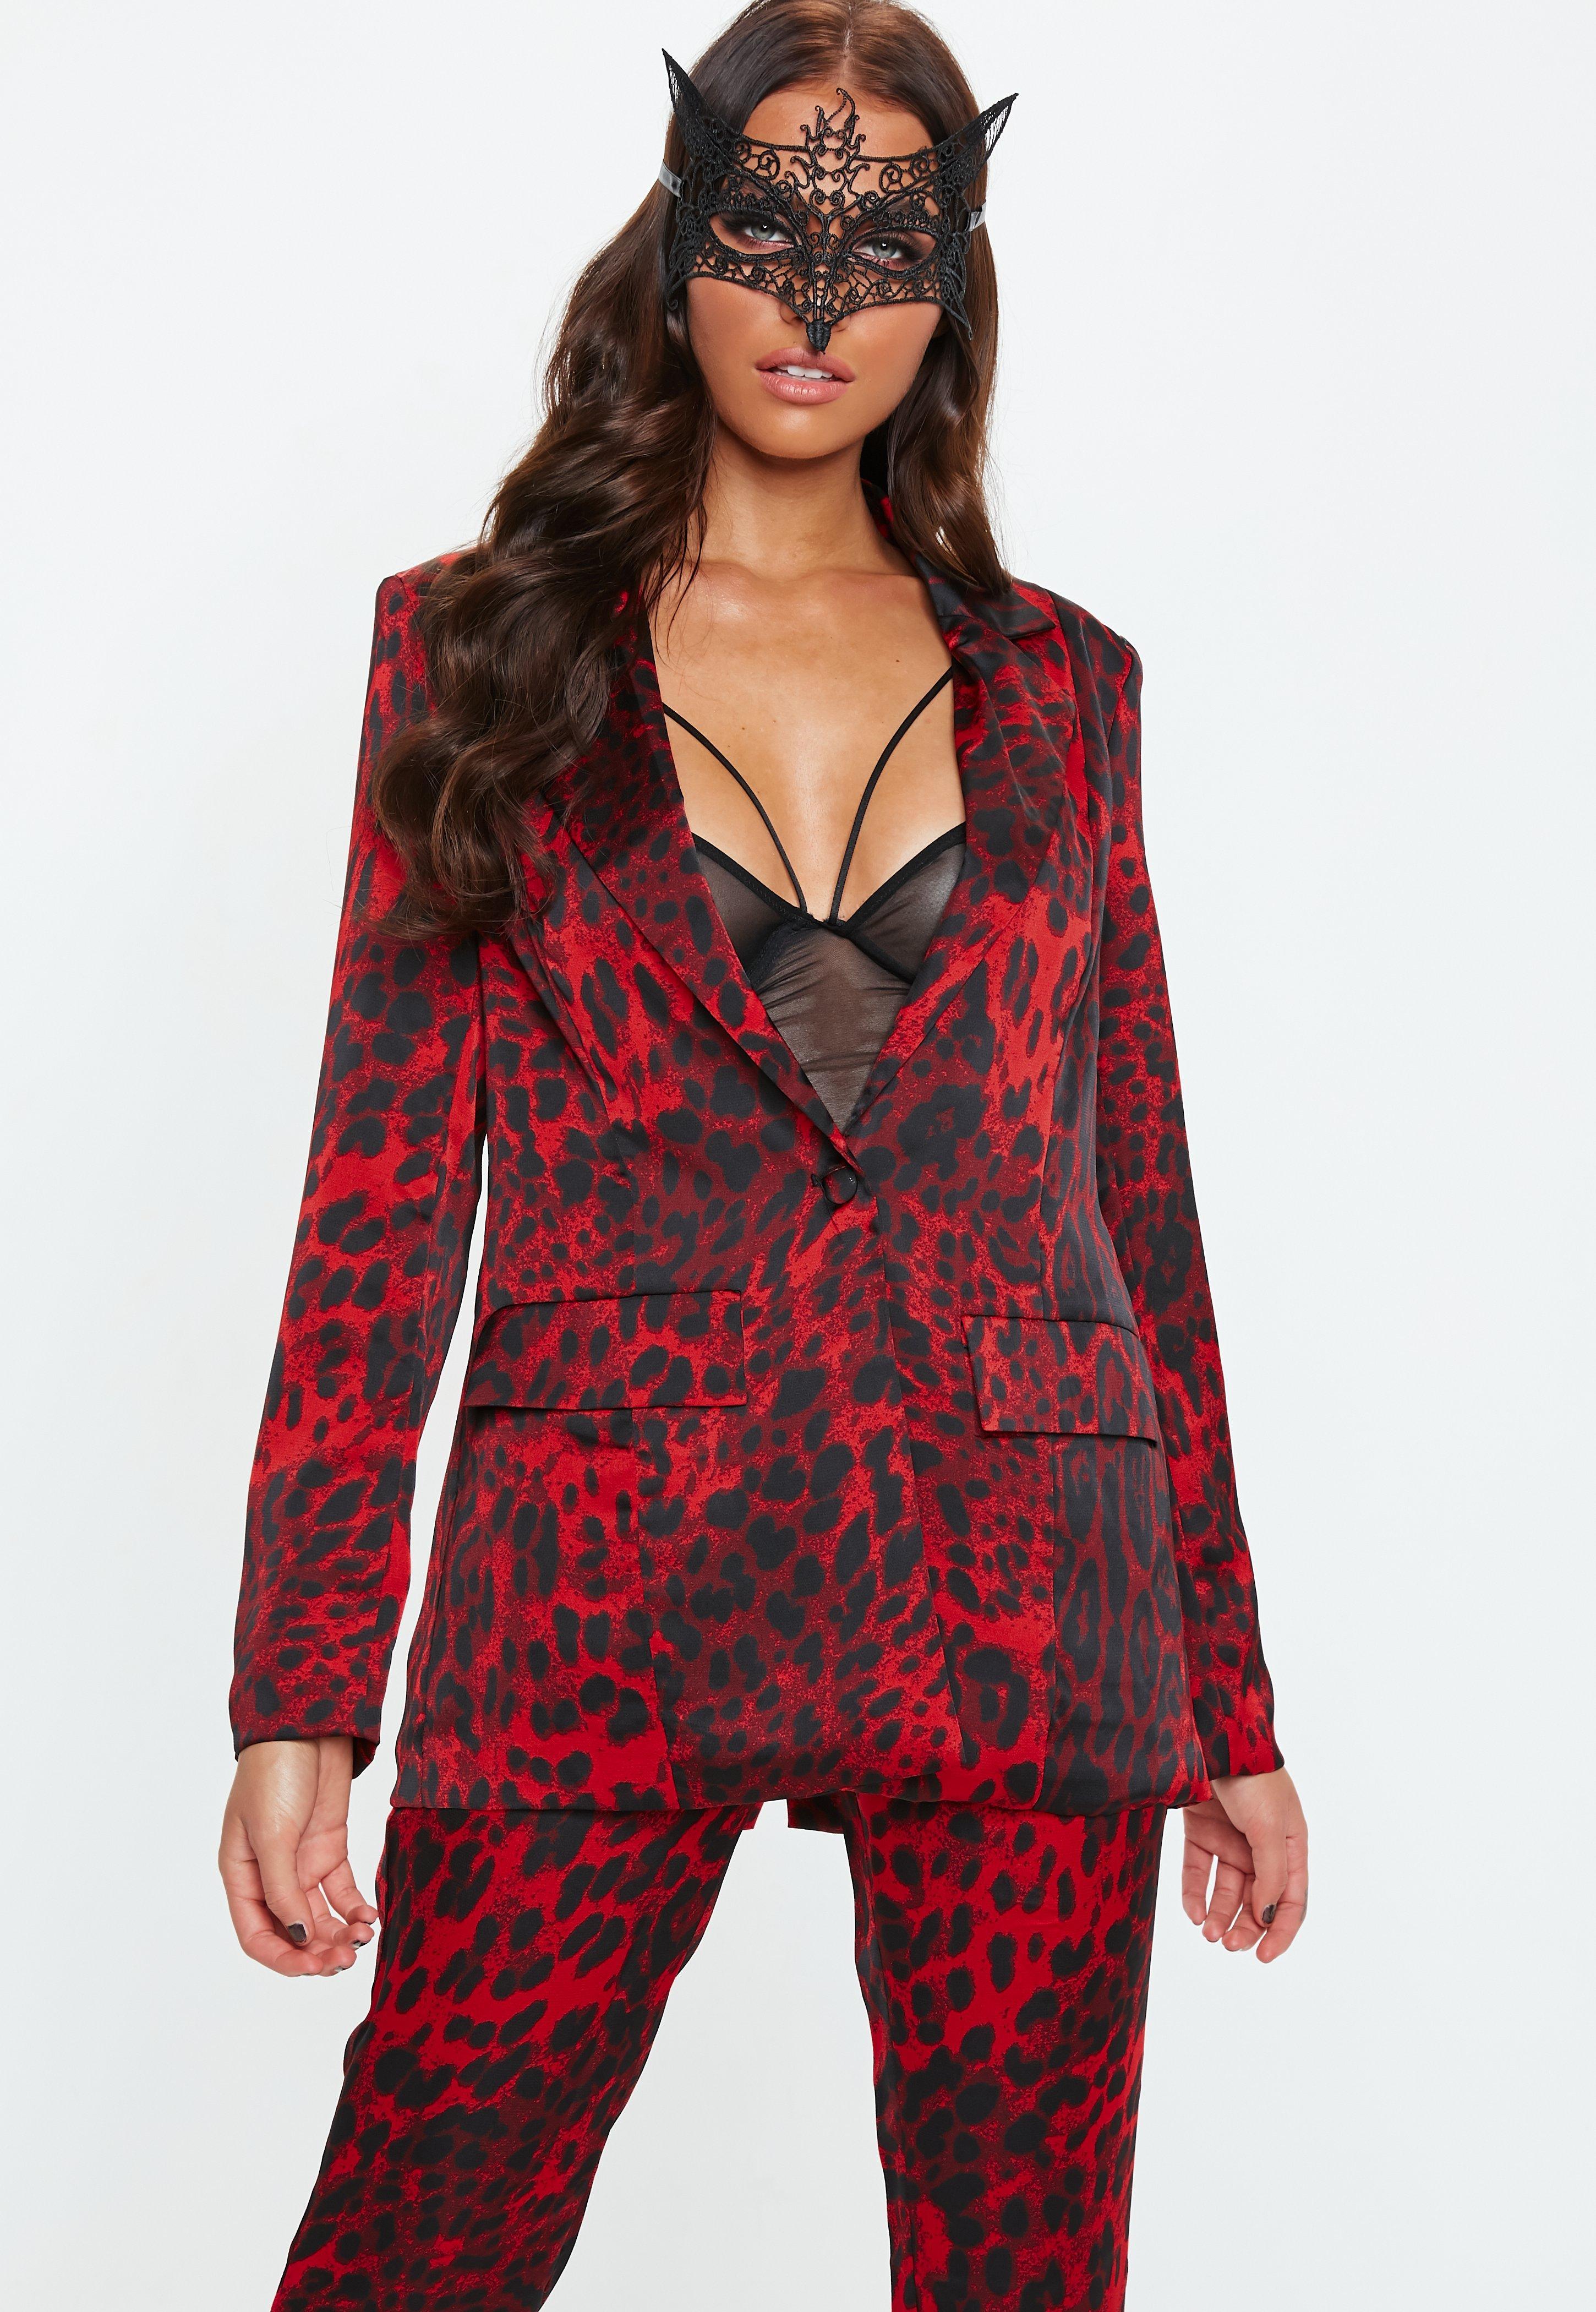 266addba50387 Blazer - Achat blazer pour femme en ligne - Missguided